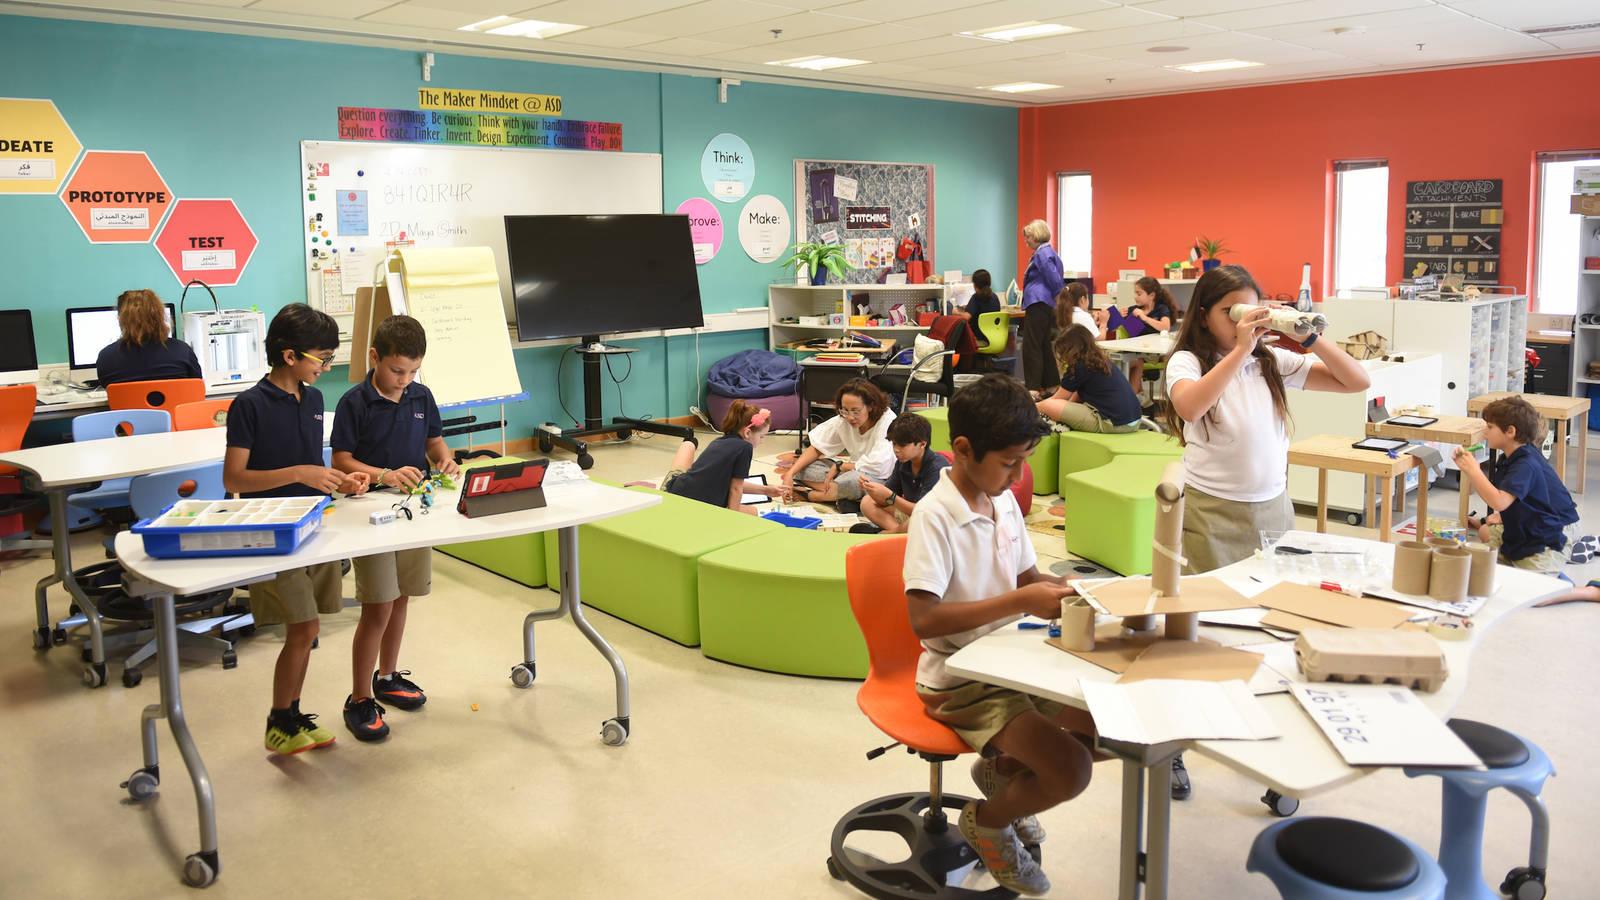 School of Dubai